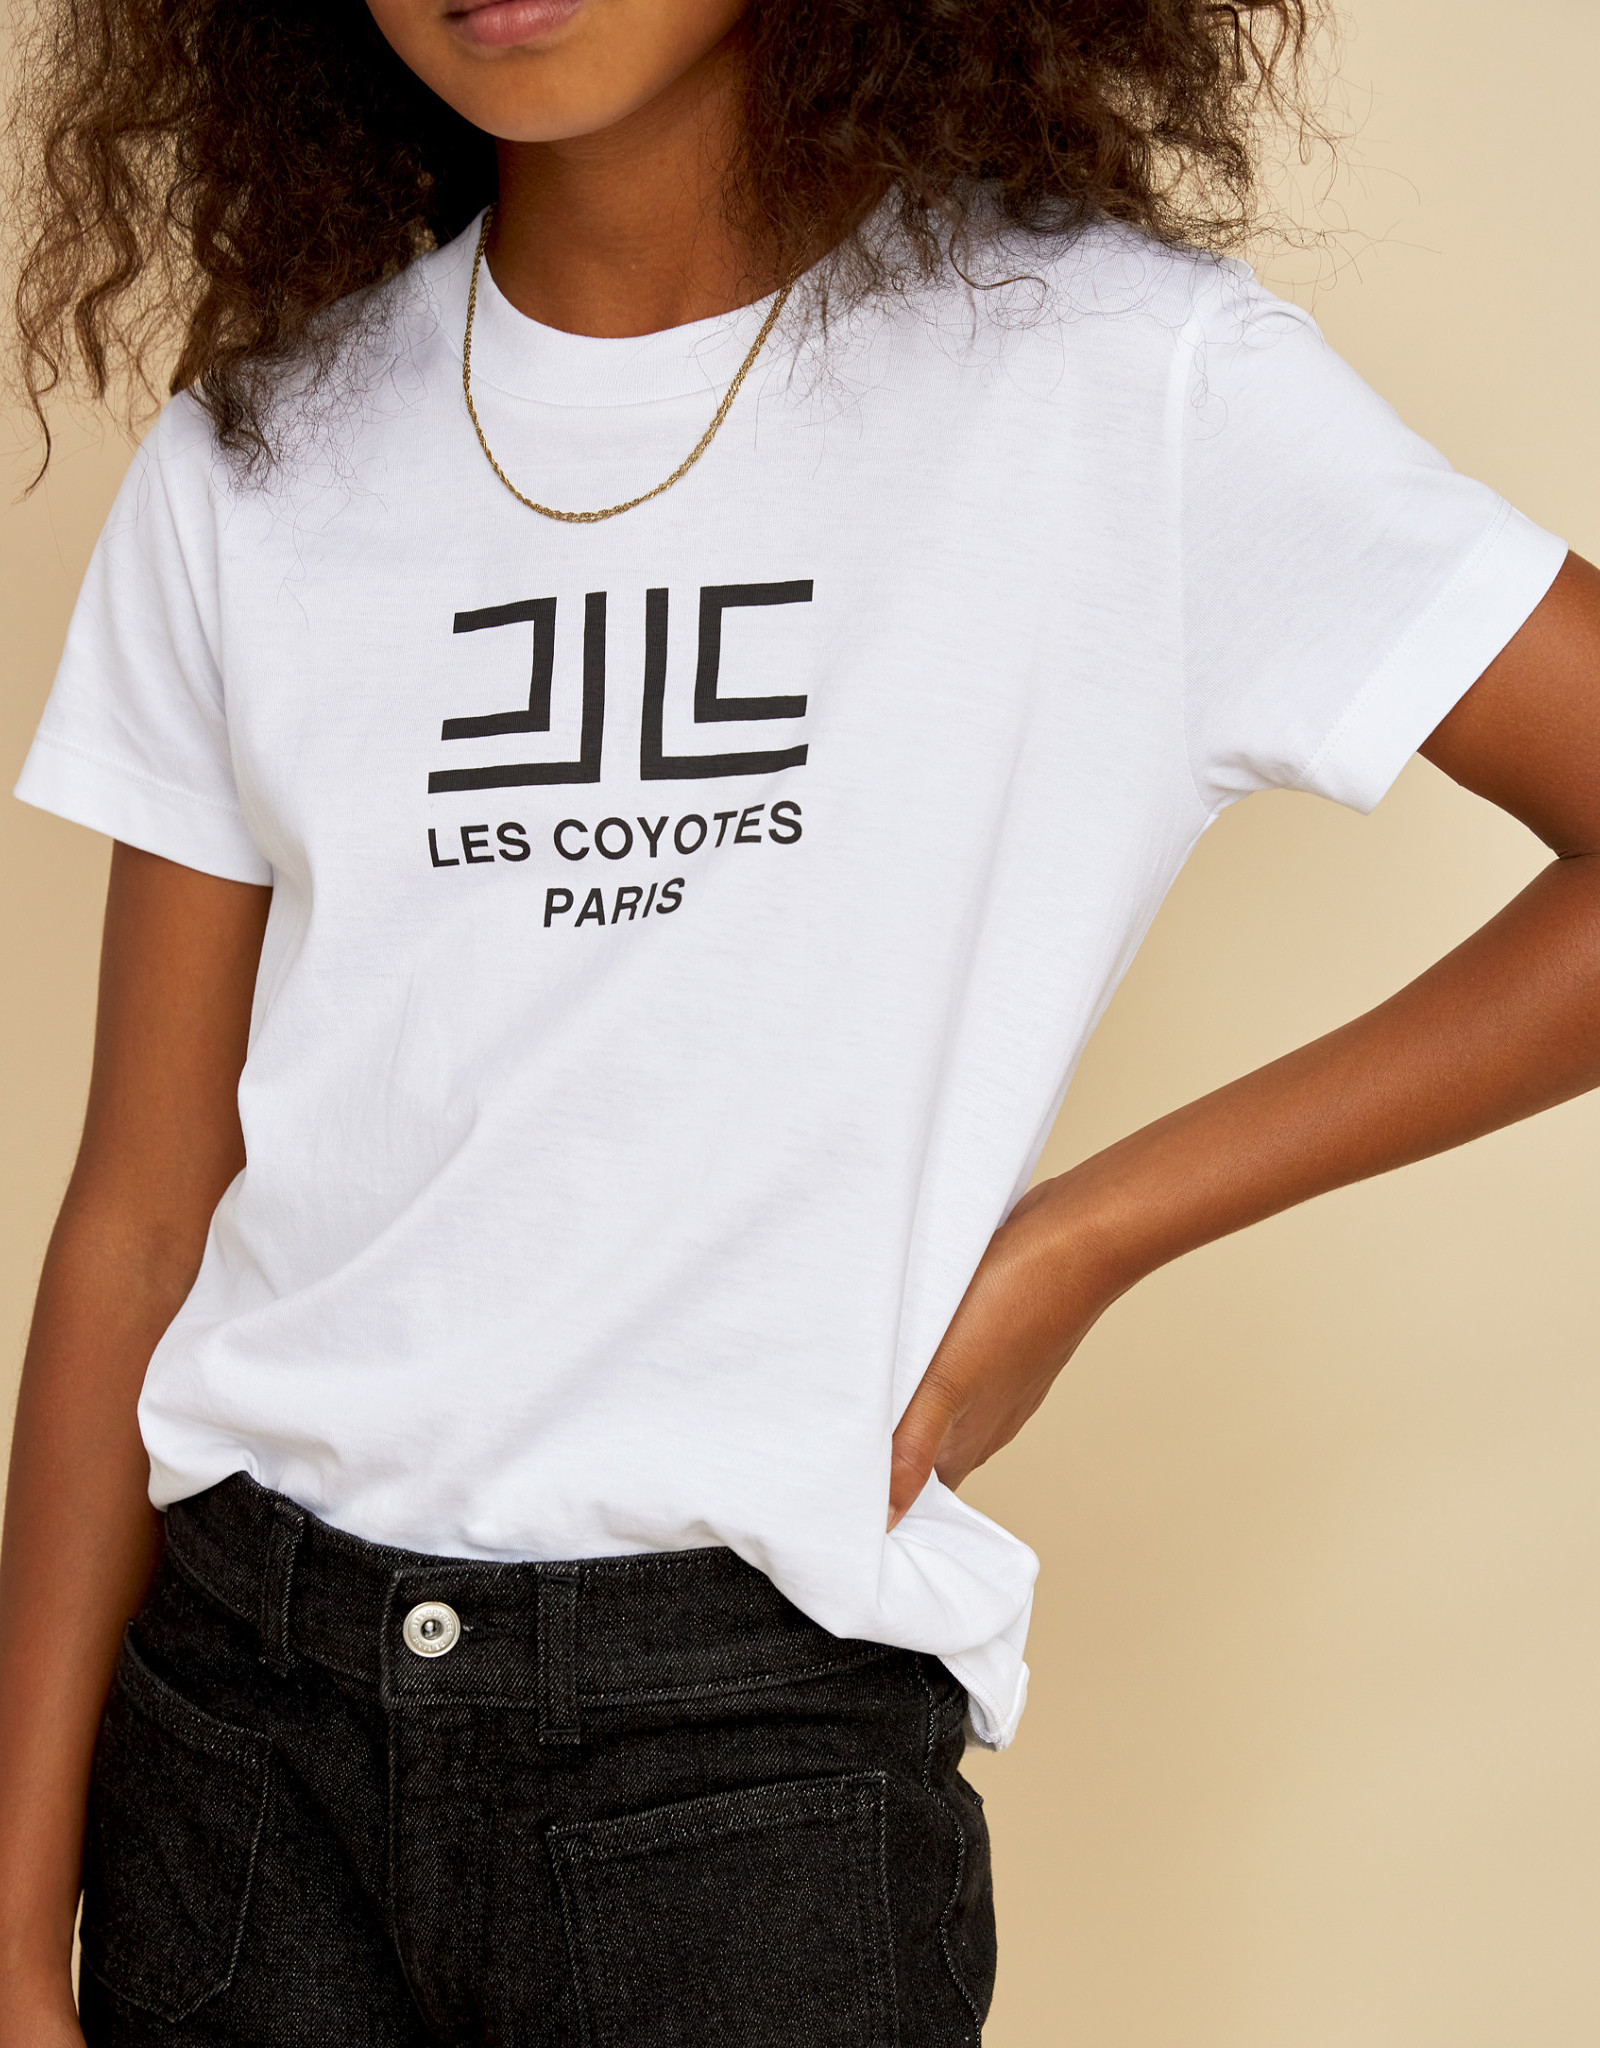 LES COYOTES DE PARIS Amé white t-shirt